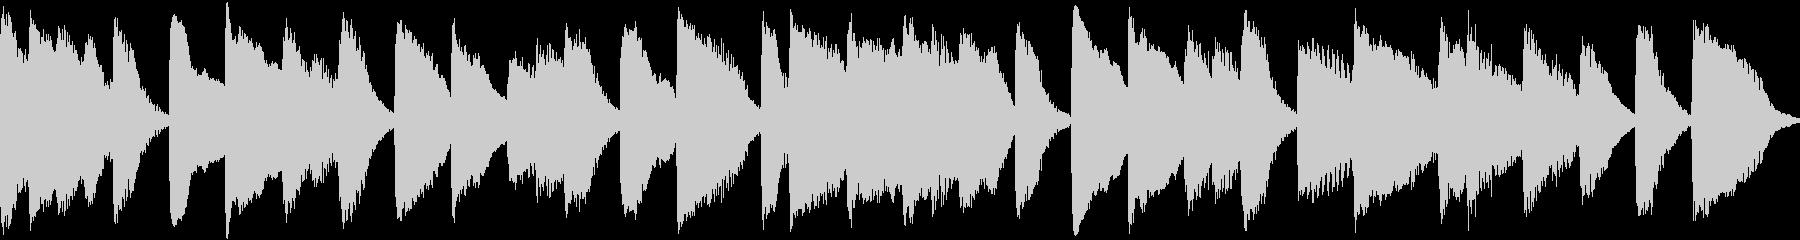 ループもできるピアノのジングルです。の未再生の波形